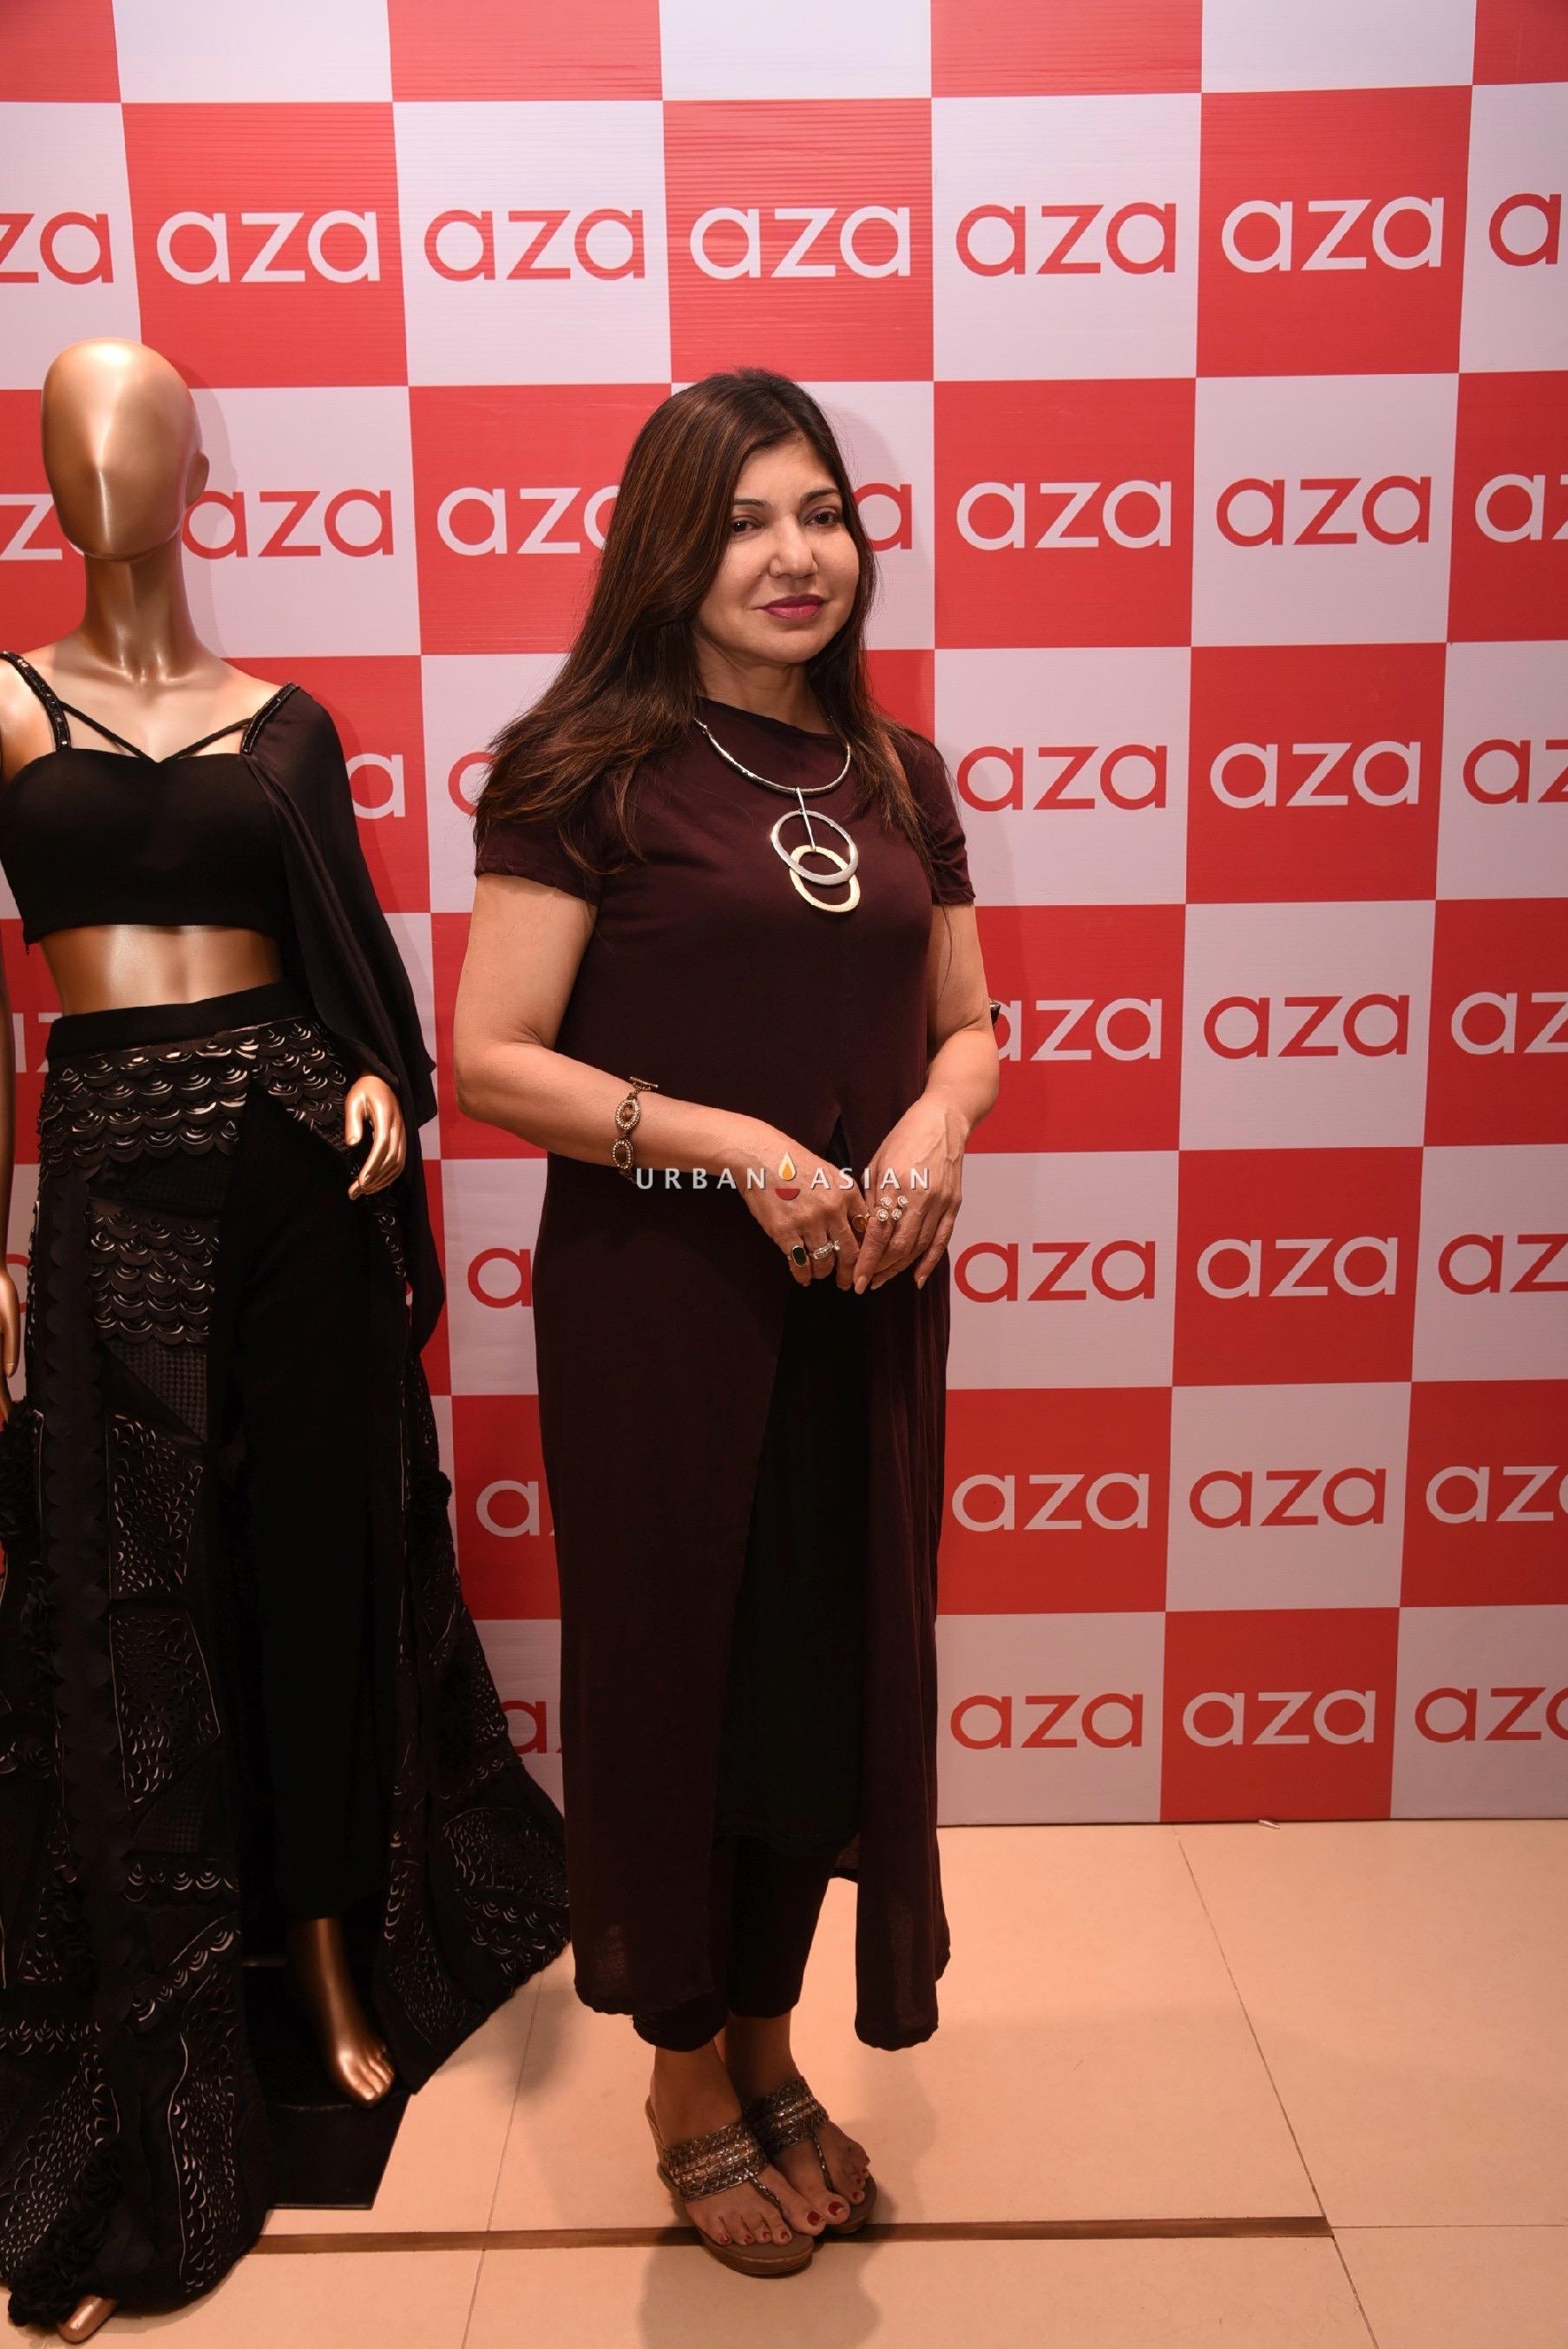 alka-yagnik-eshaa-amiins-new-party-wear-launch-at-aza